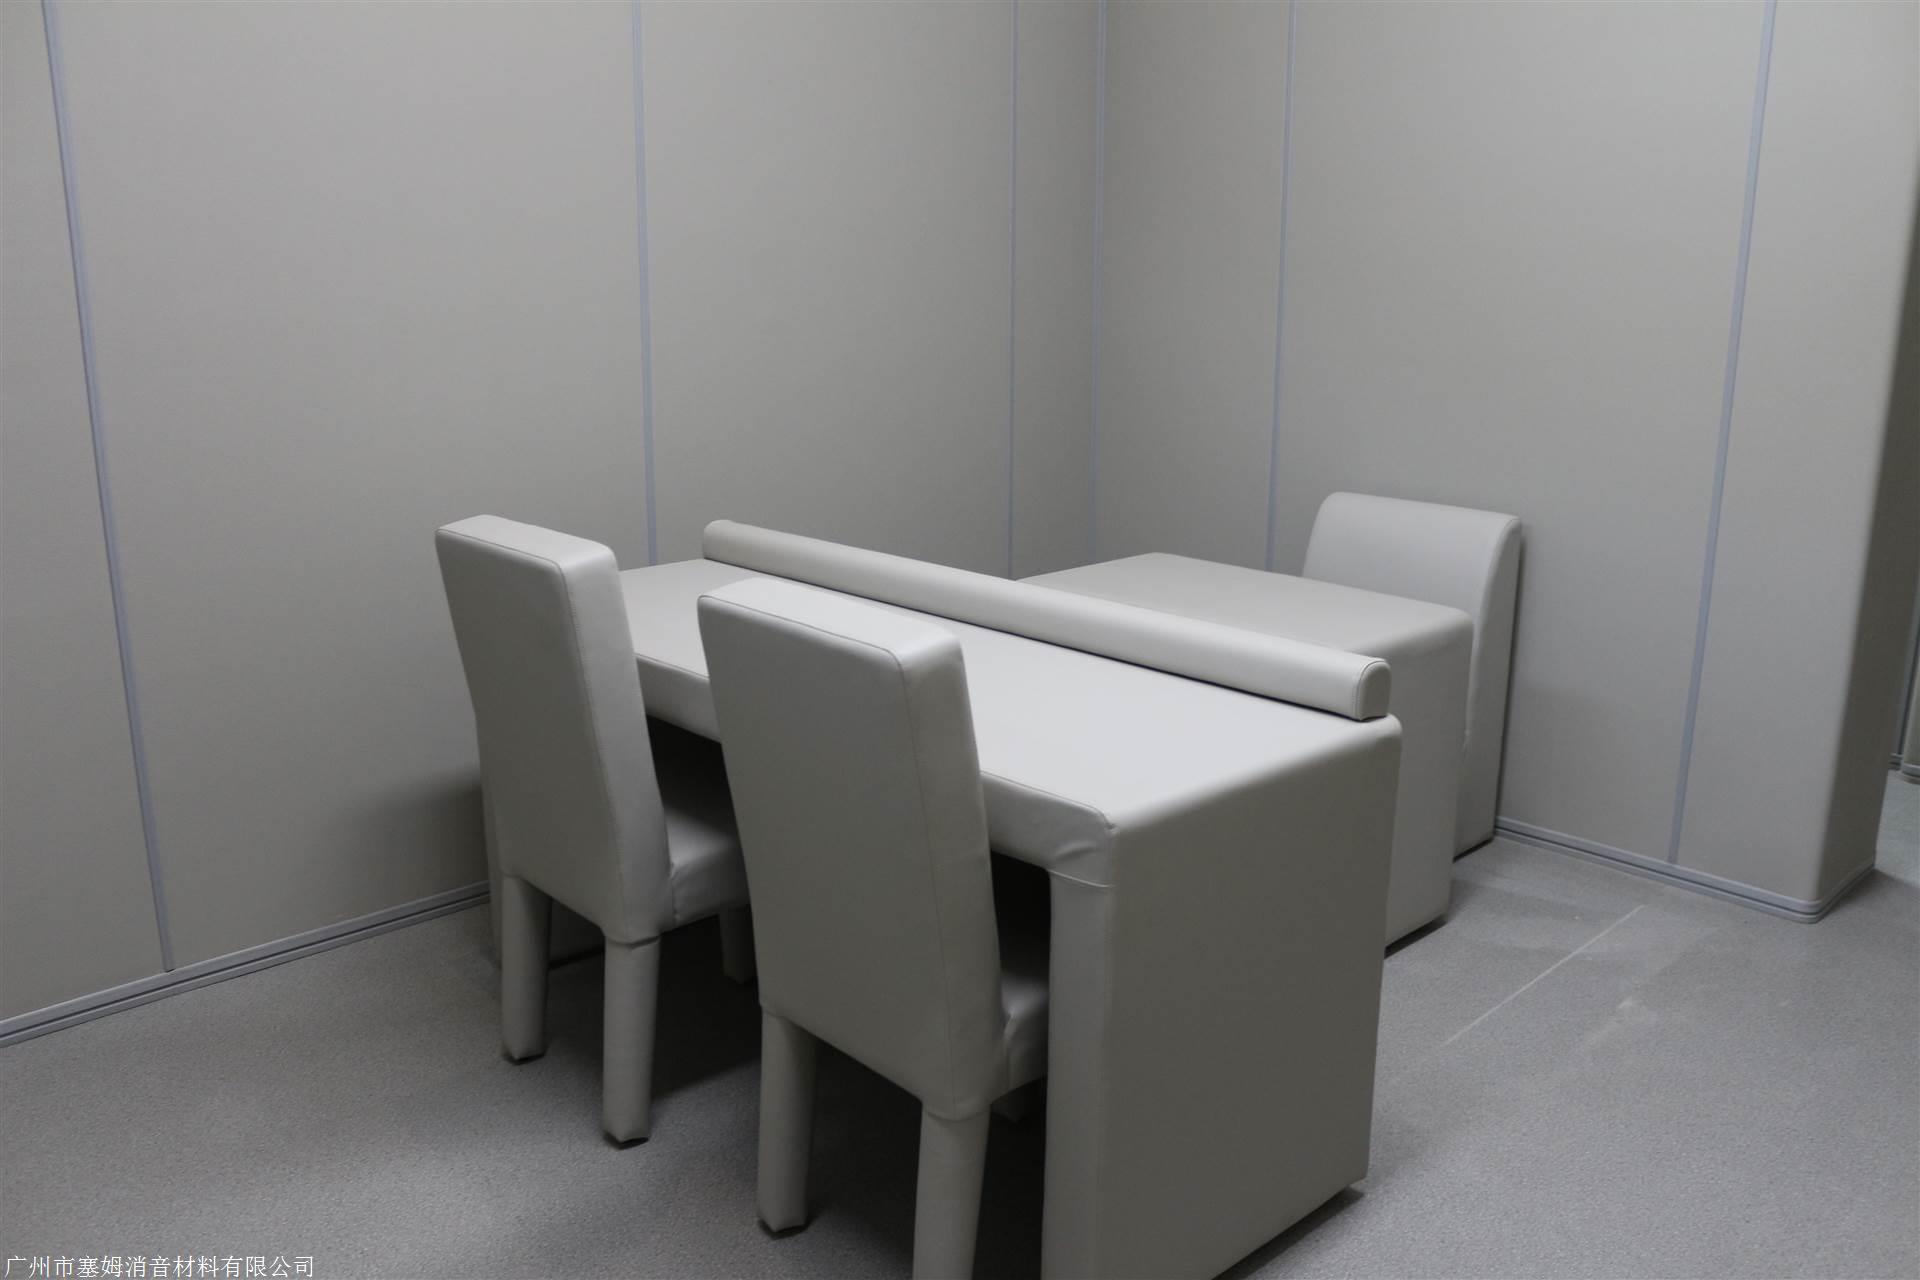 办案专用审讯室软包防撞桌椅-防火阻燃环保无异味